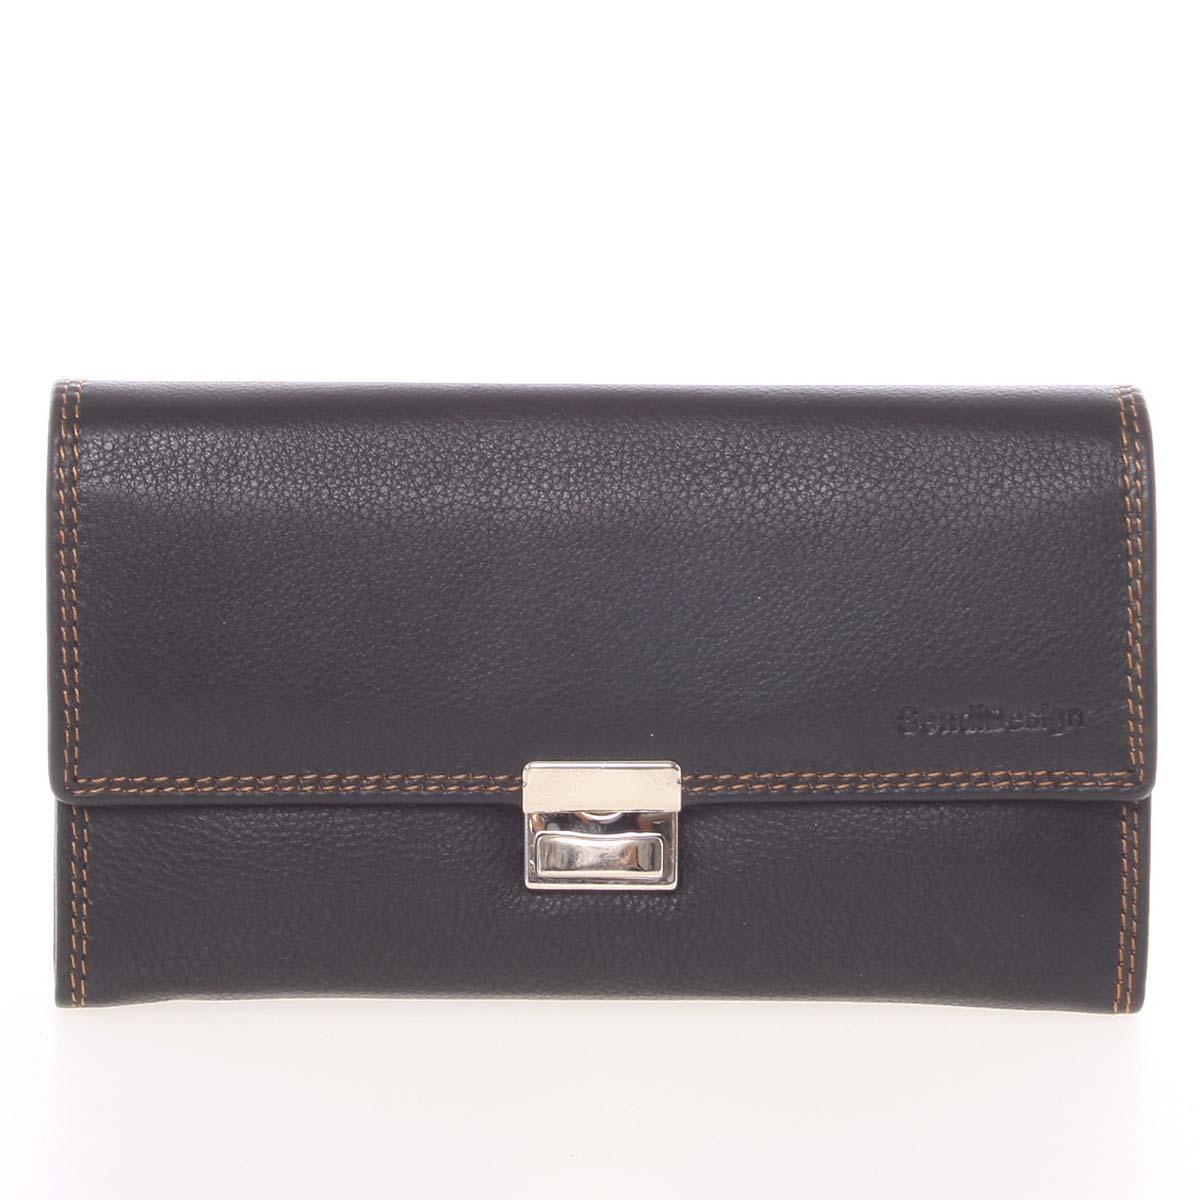 Luxusní velká kožená prošívaná kasírtaška černá - SendiDesign Basilea